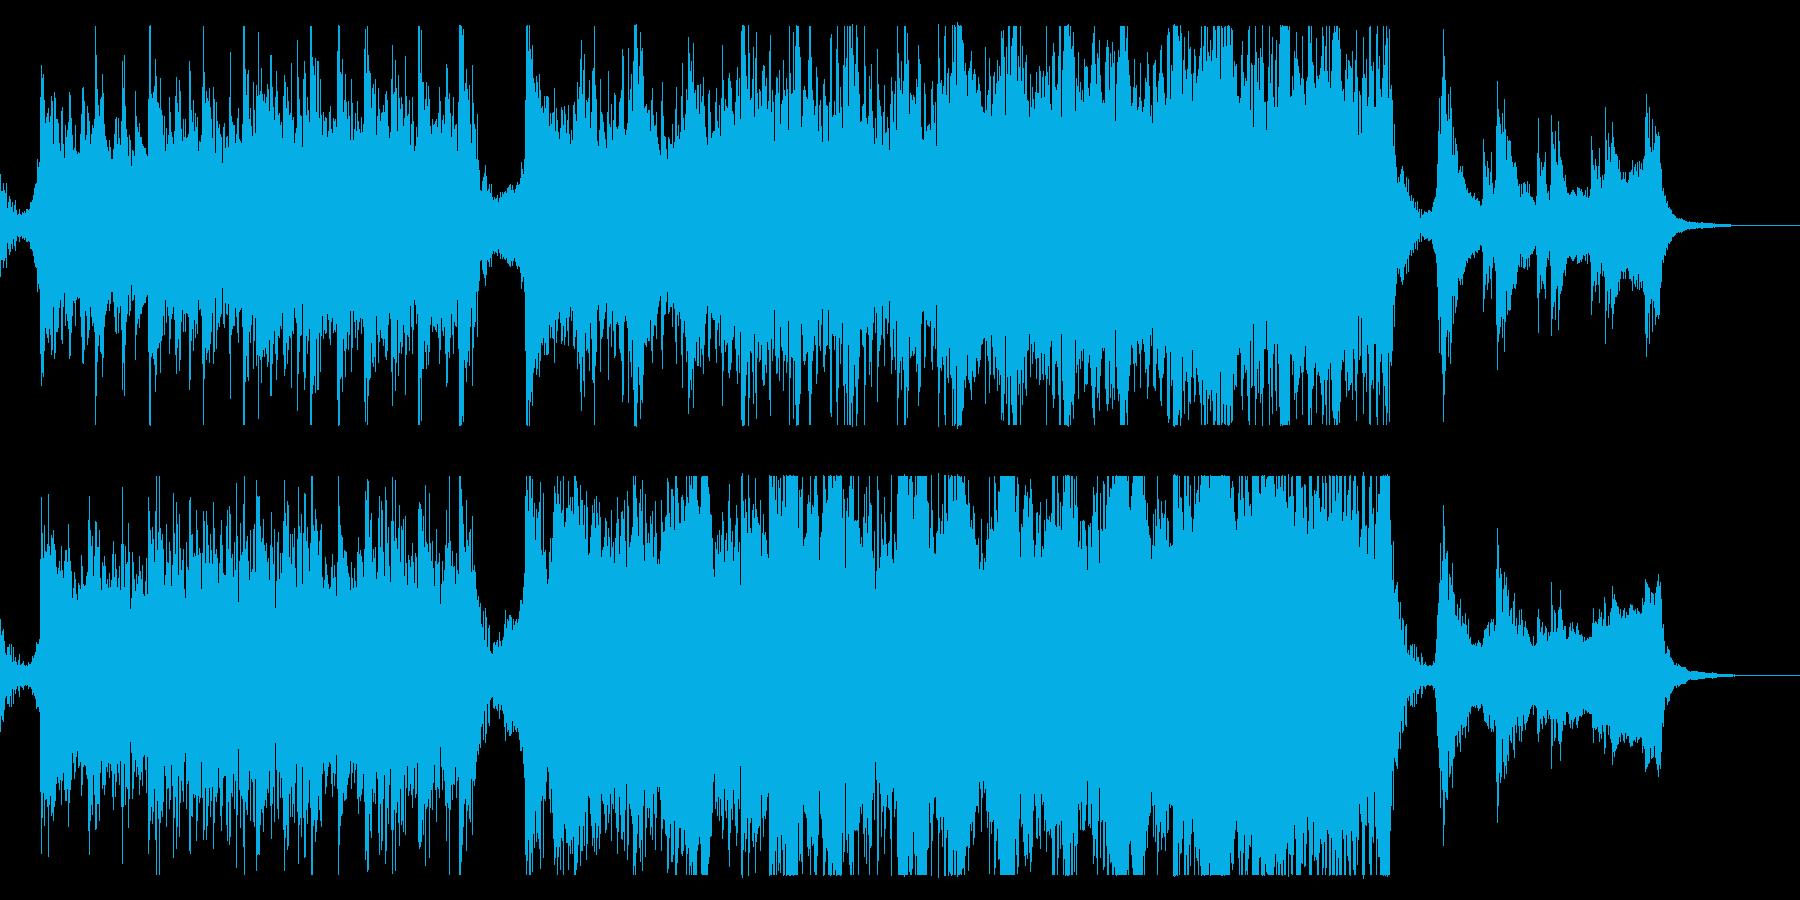 ハリウッド映画風の壮大オーケストラ12Bの再生済みの波形